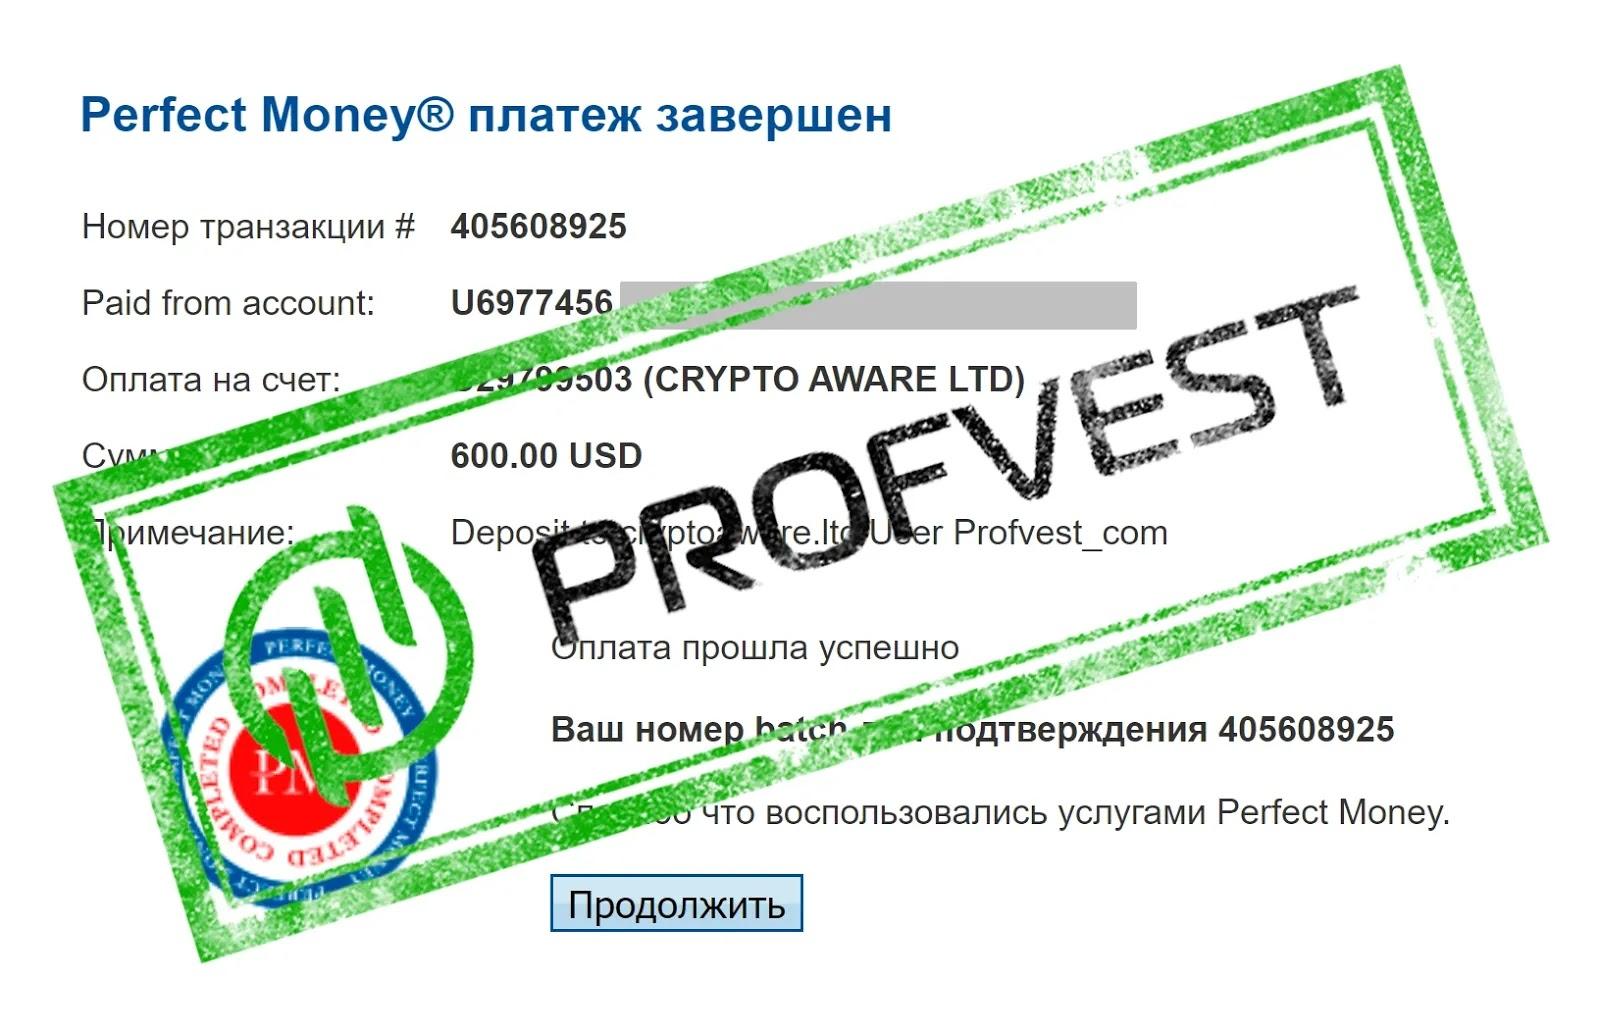 Депозит в Crypto Aware Ltd